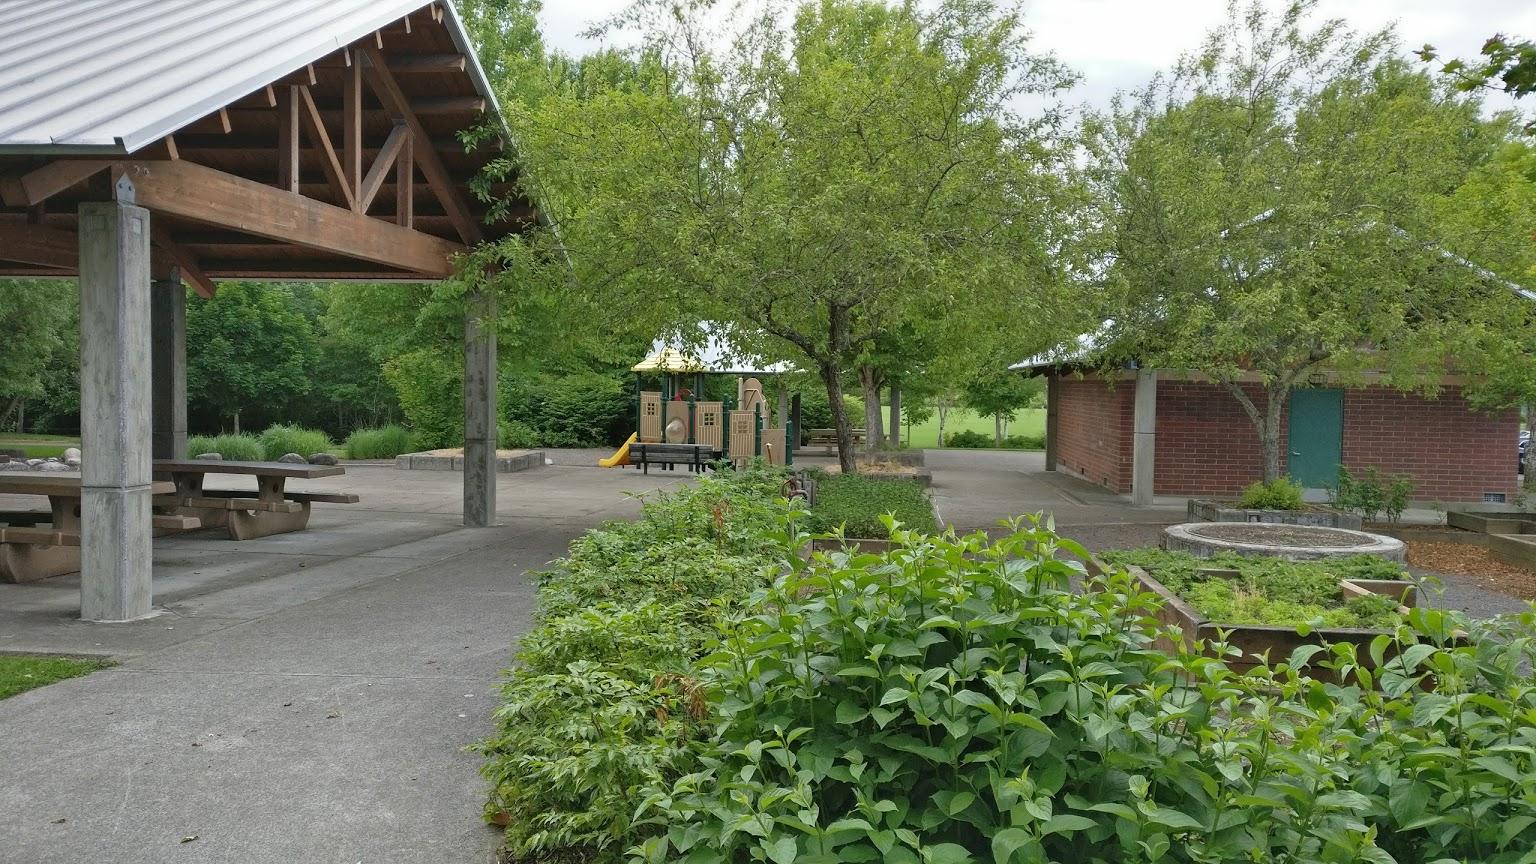 Jurgens Park